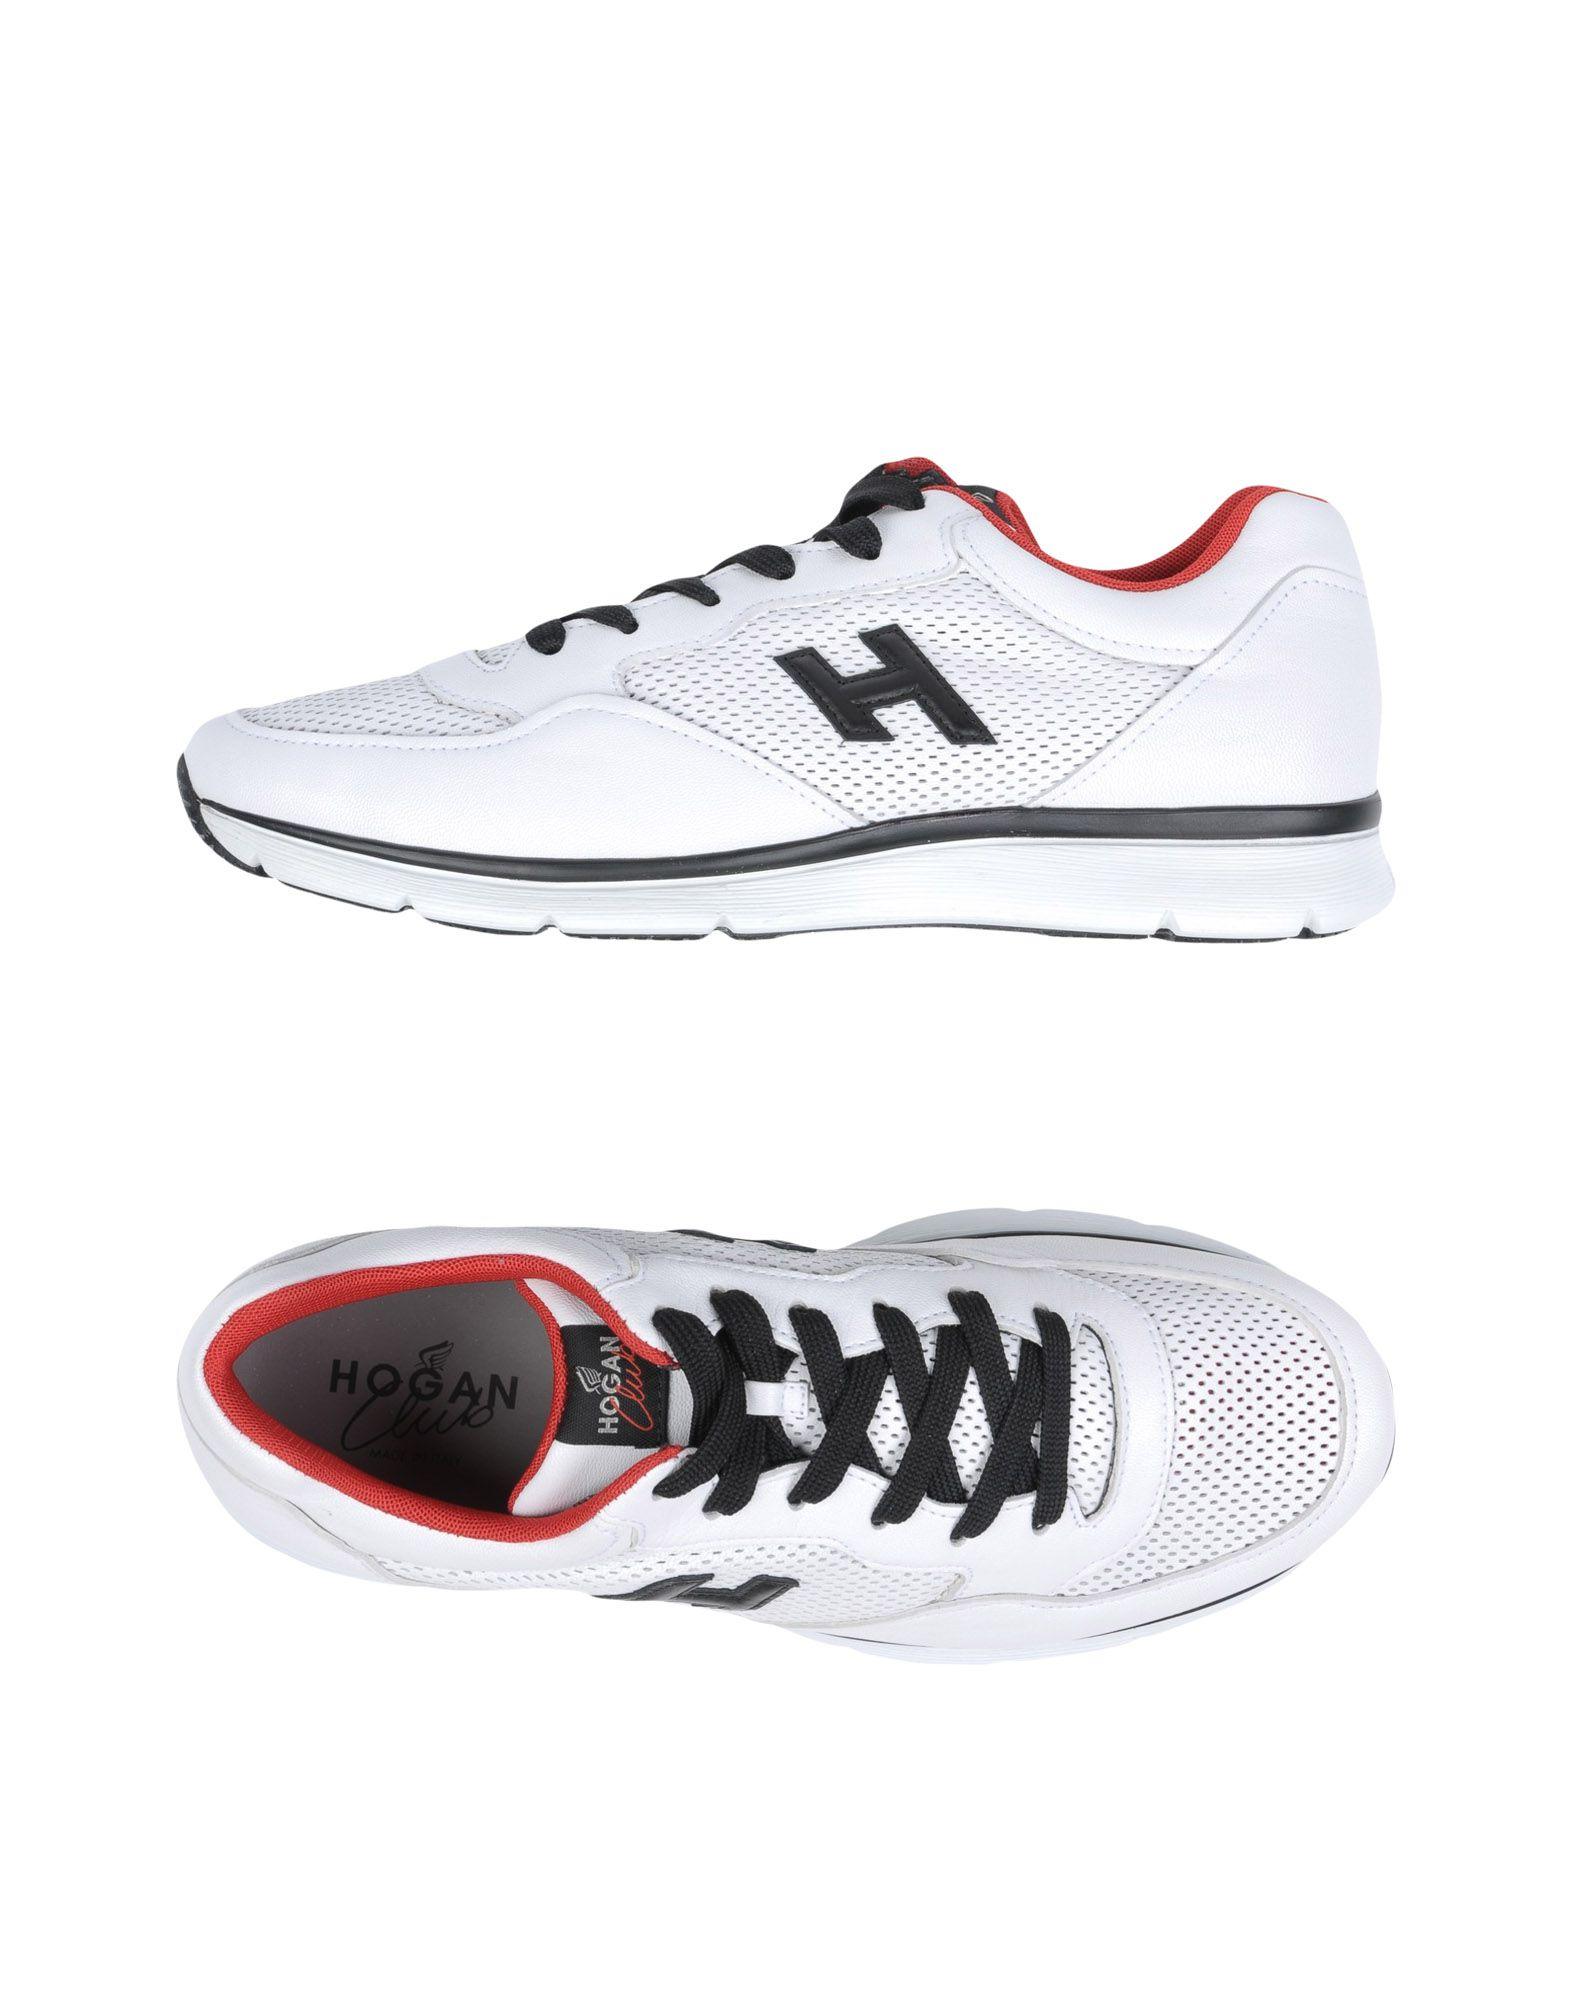 Hogan Sneakers Herren  11291882IF 11291882IF  d82e5c